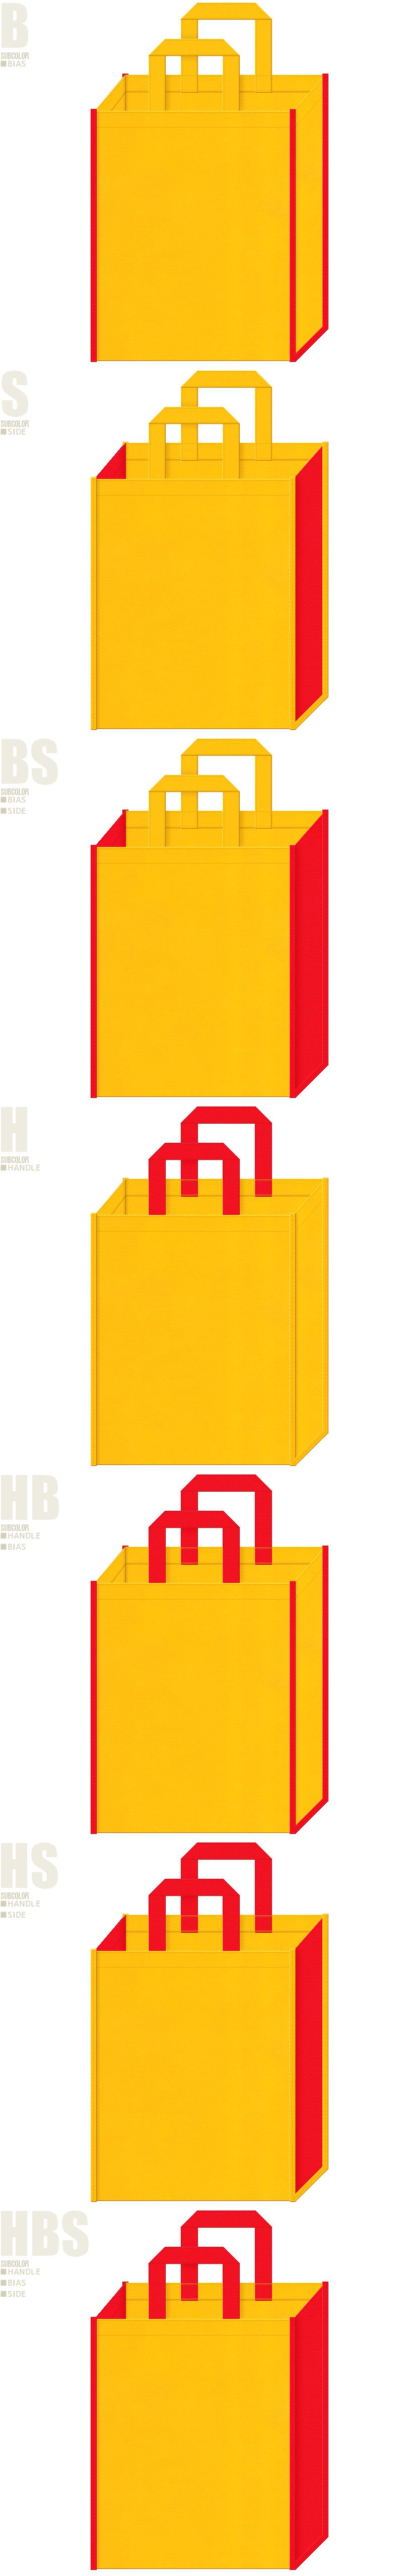 ゲーム・パズル・おもちゃ・テーマパーク・キッズイベントにお奨めの不織布バッグデザイン:黄色と赤色の配色7パターン